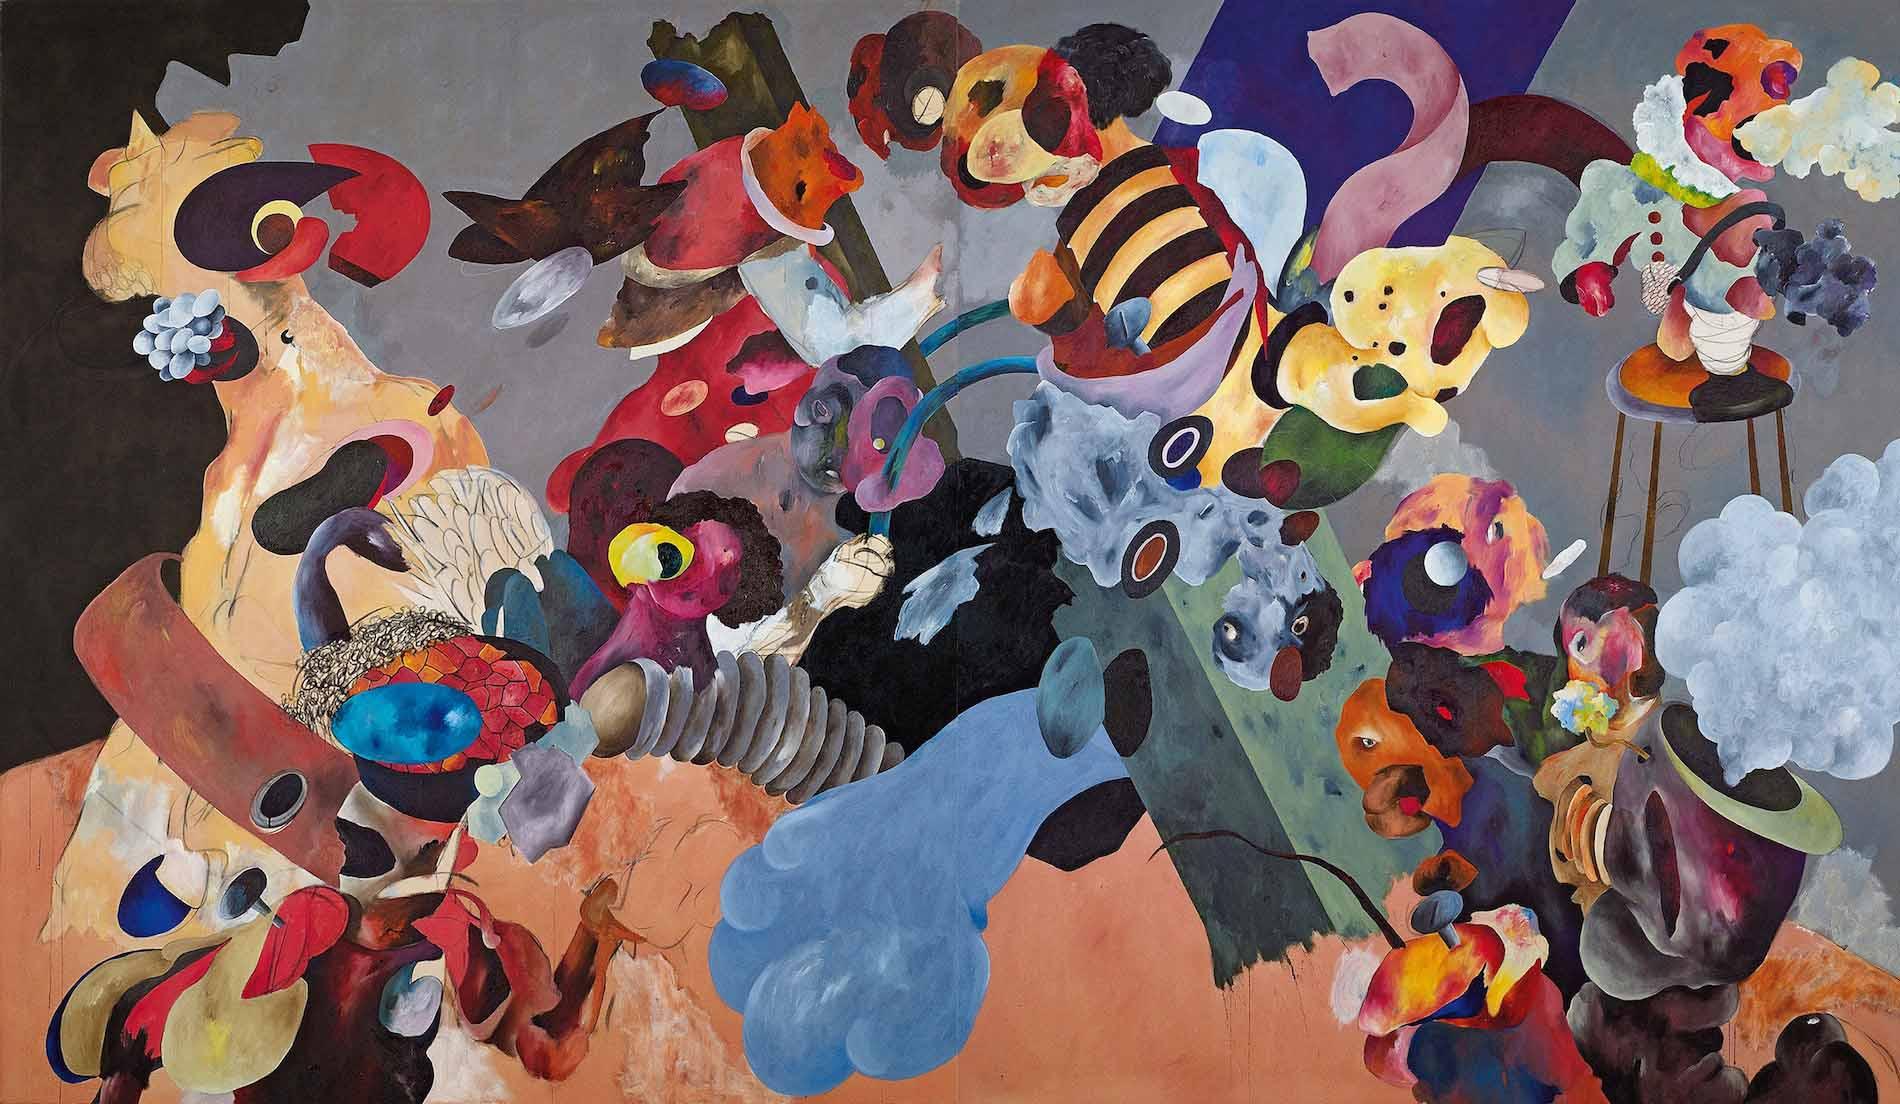 أغلى الأعمال الفنية للفنانين العرب - أحمد السوداني